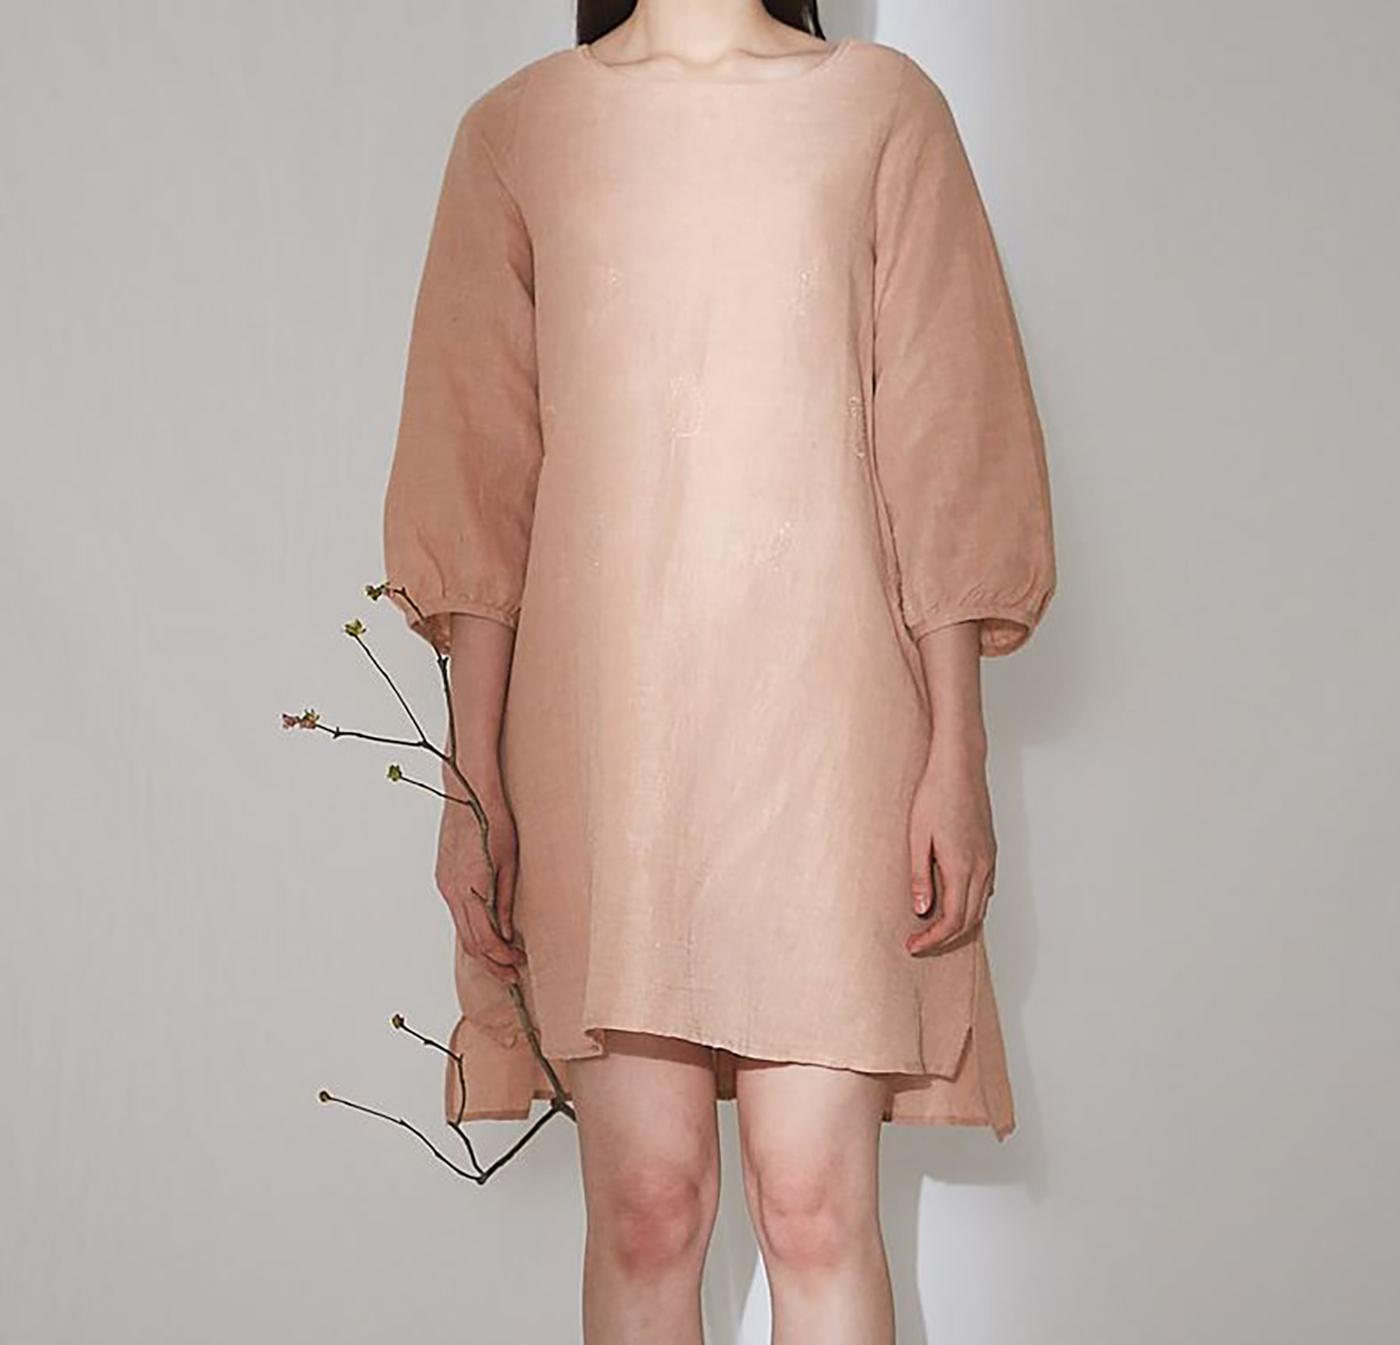 피치 치칸카리 드레스/심플하지만 사랑스러운 색감이 특징인 피치 치칸카리 드레스 상세이미지1